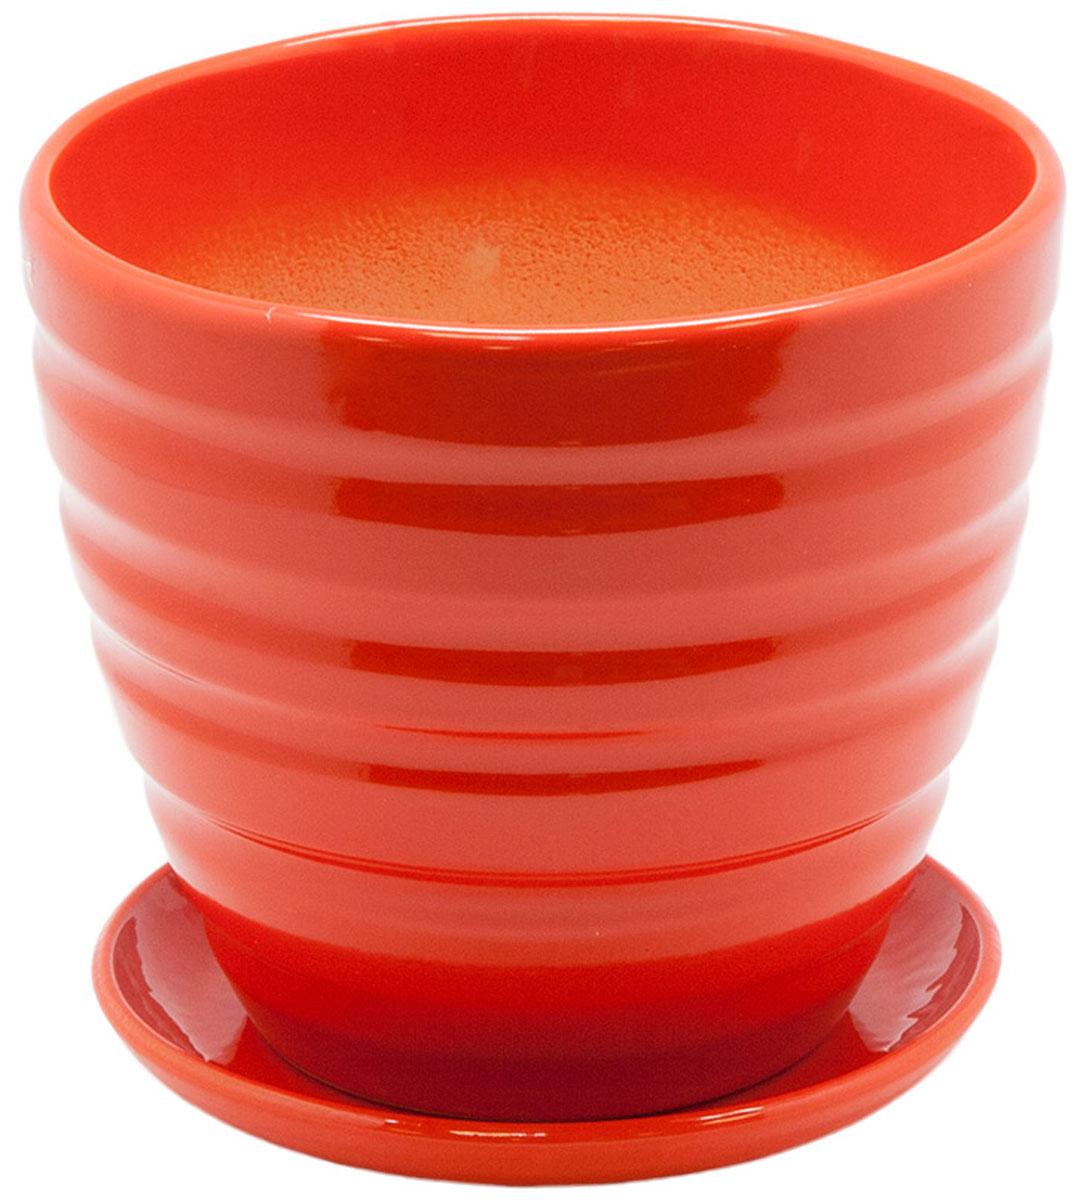 Горшок цветочный Engard, с поддоном, цвет: оранжевый, 1,4 лBH-22-1Керамический горшок Engard - это идеальное решение для выращивания комнатных растений и создания изысканности в интерьере. Керамический горшок сделан из высококачественной глины в классической форме и оригинальном дизайне.Объем: 1,4 л.